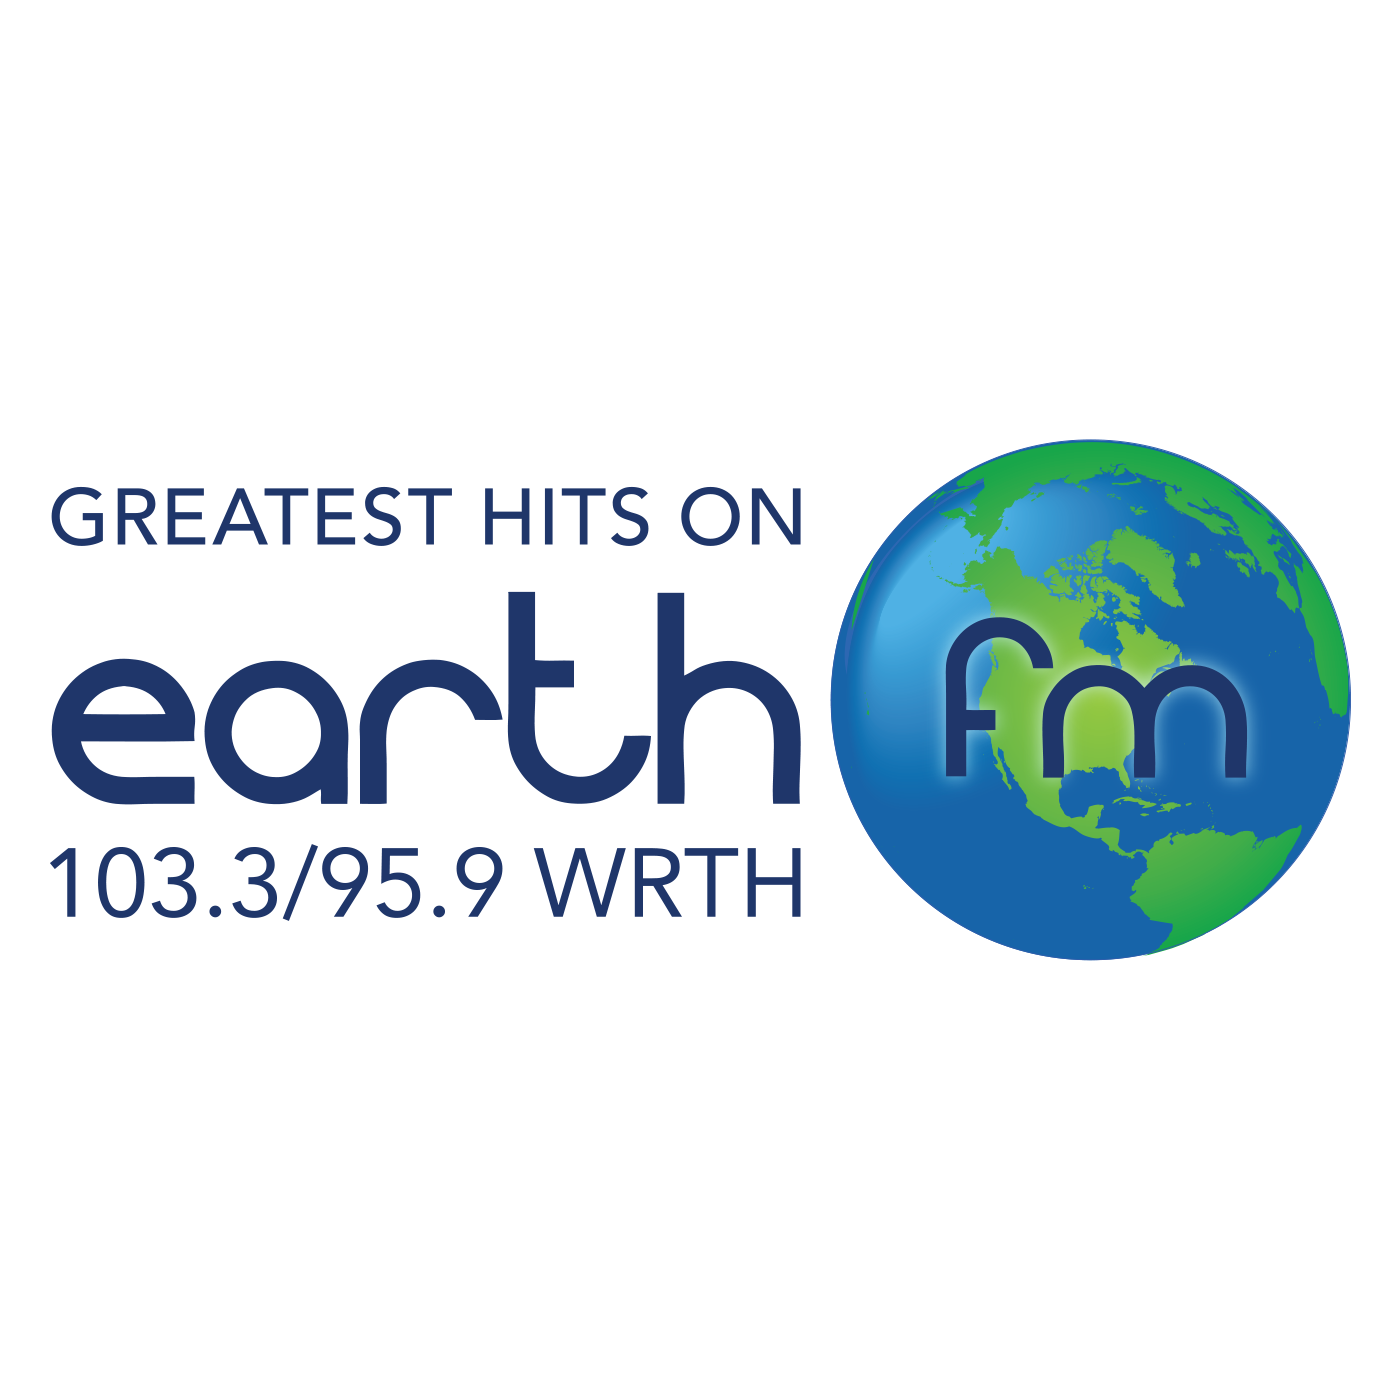 103.3/95.9 Earth FM WRTH